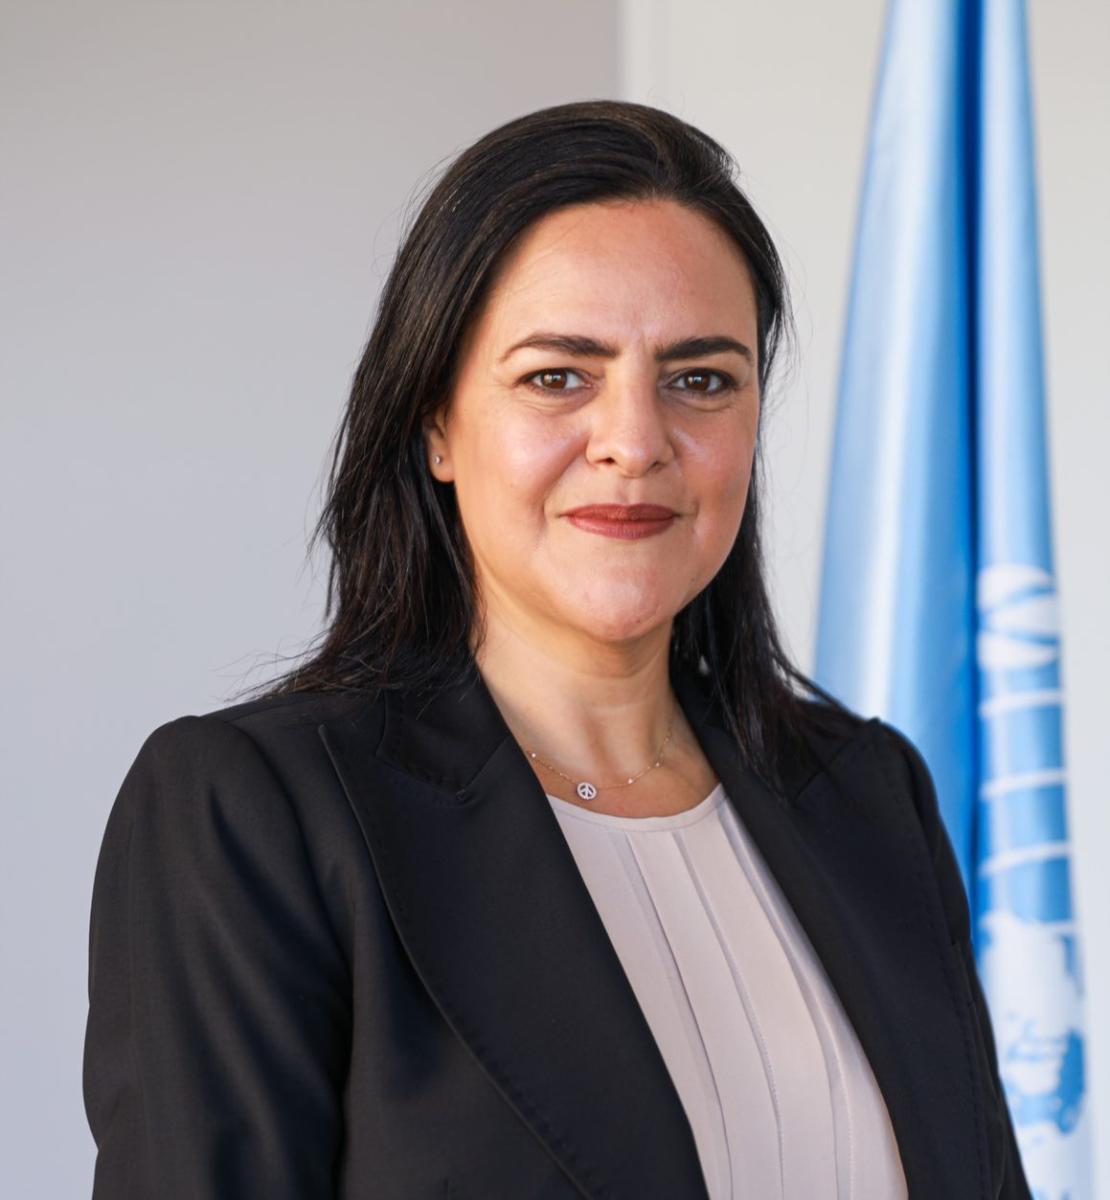 一位身穿黑色西装外套的妇女直视镜头,身后是联合国旗。